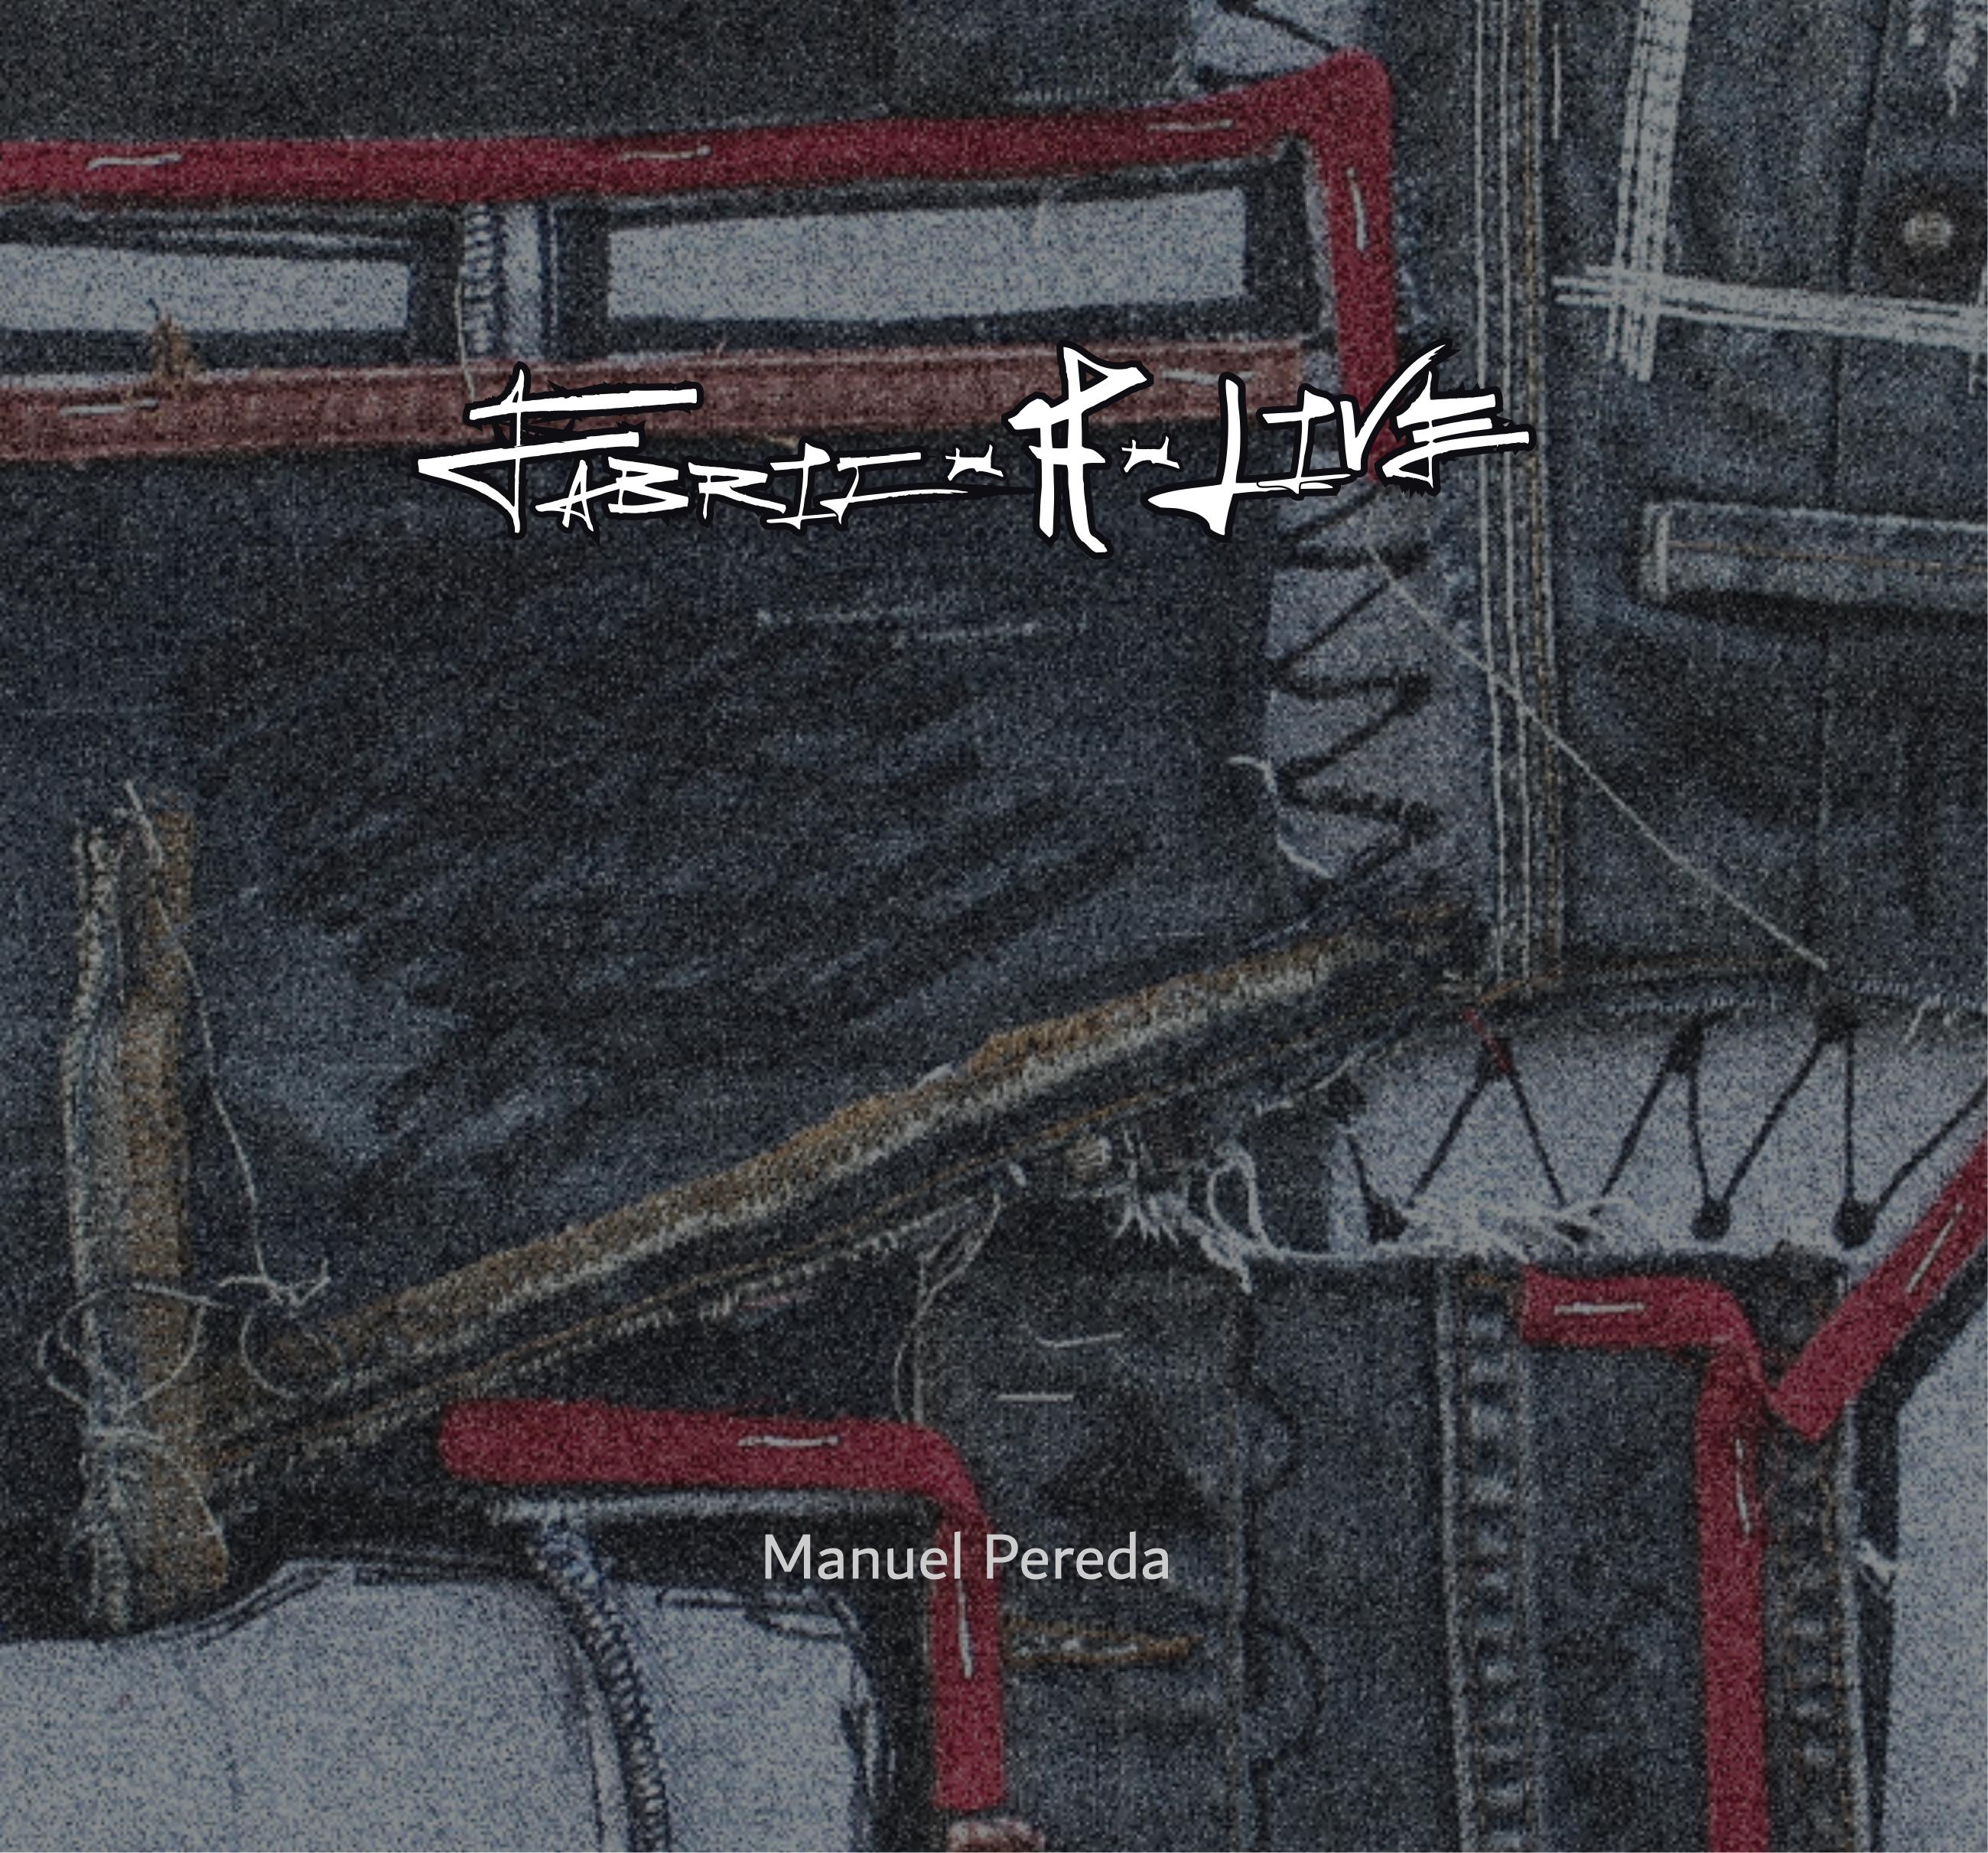 Manuel Pereda, Portada del libro de arte Fabric-A-live